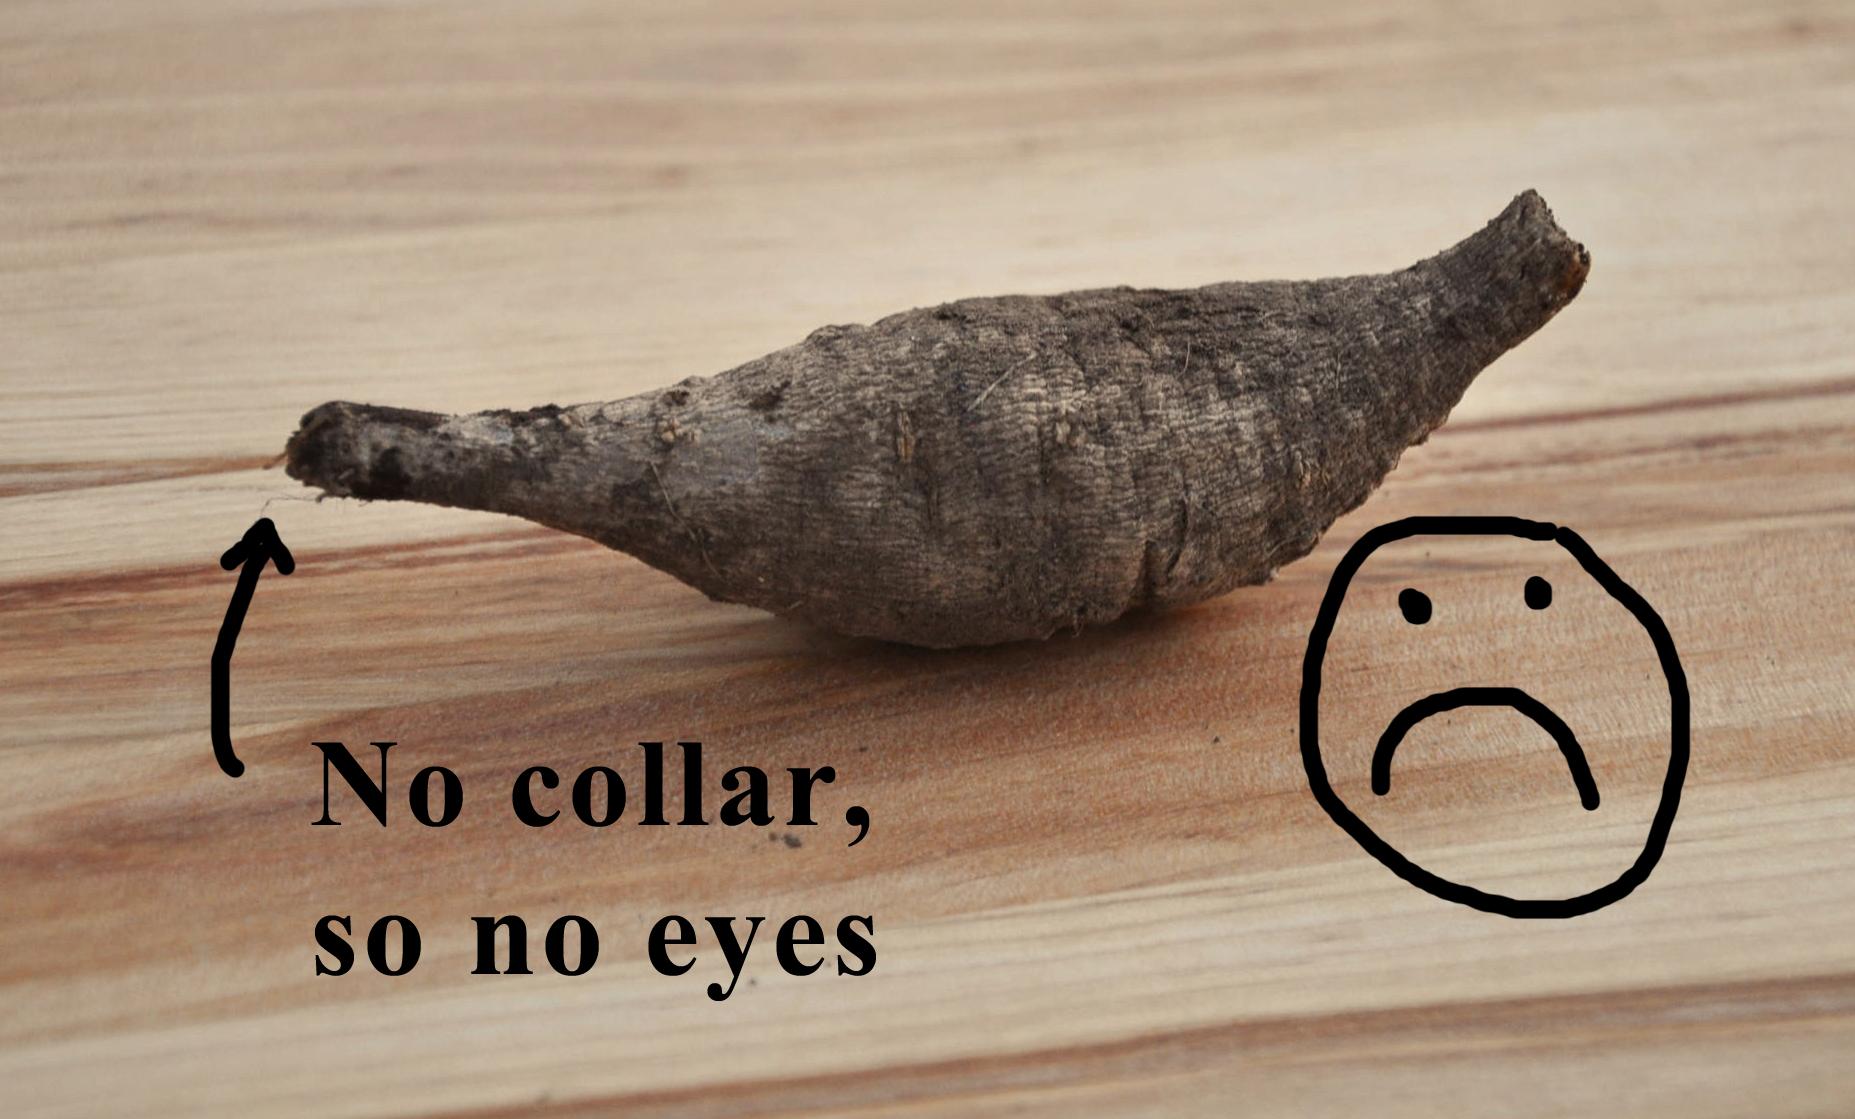 No collar, so no eyes